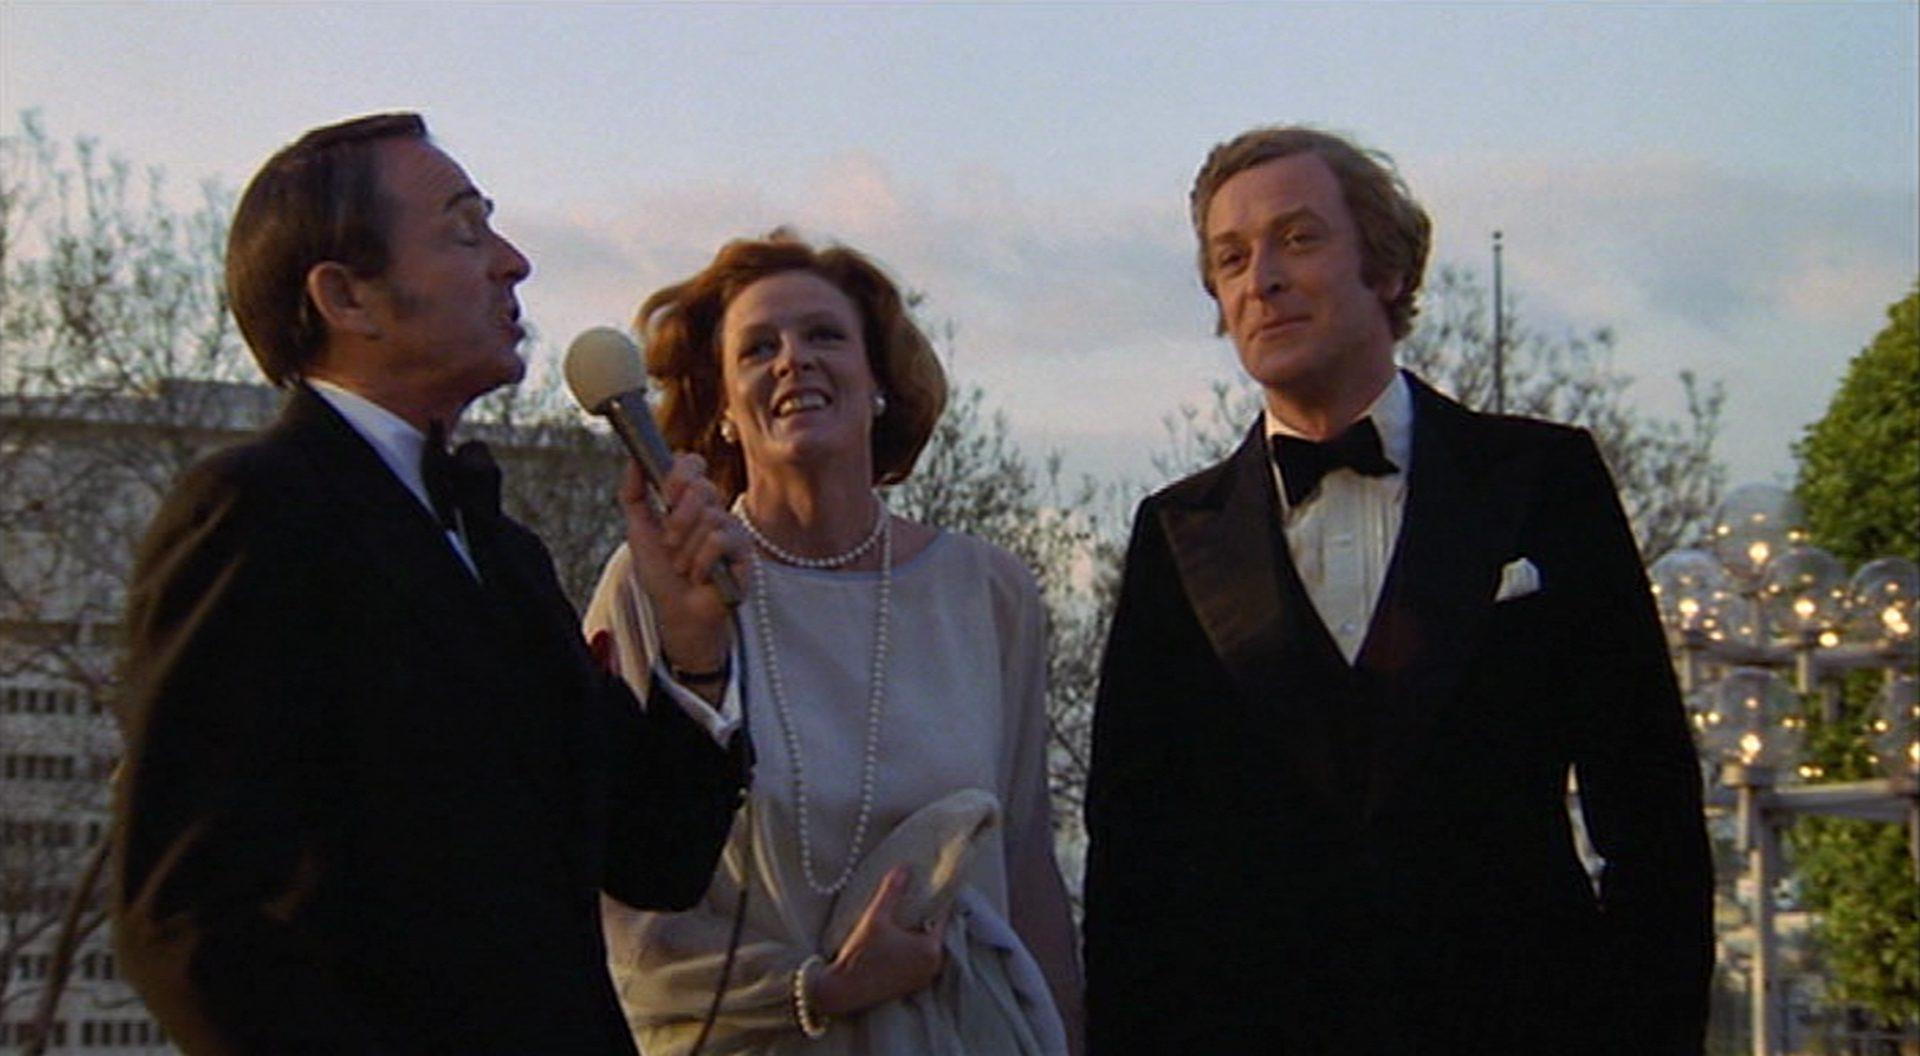 Maggie Smith und Michael Caine in festlichem Outfit begegnen einem Interviewer mit angestrengtem Lächeln.